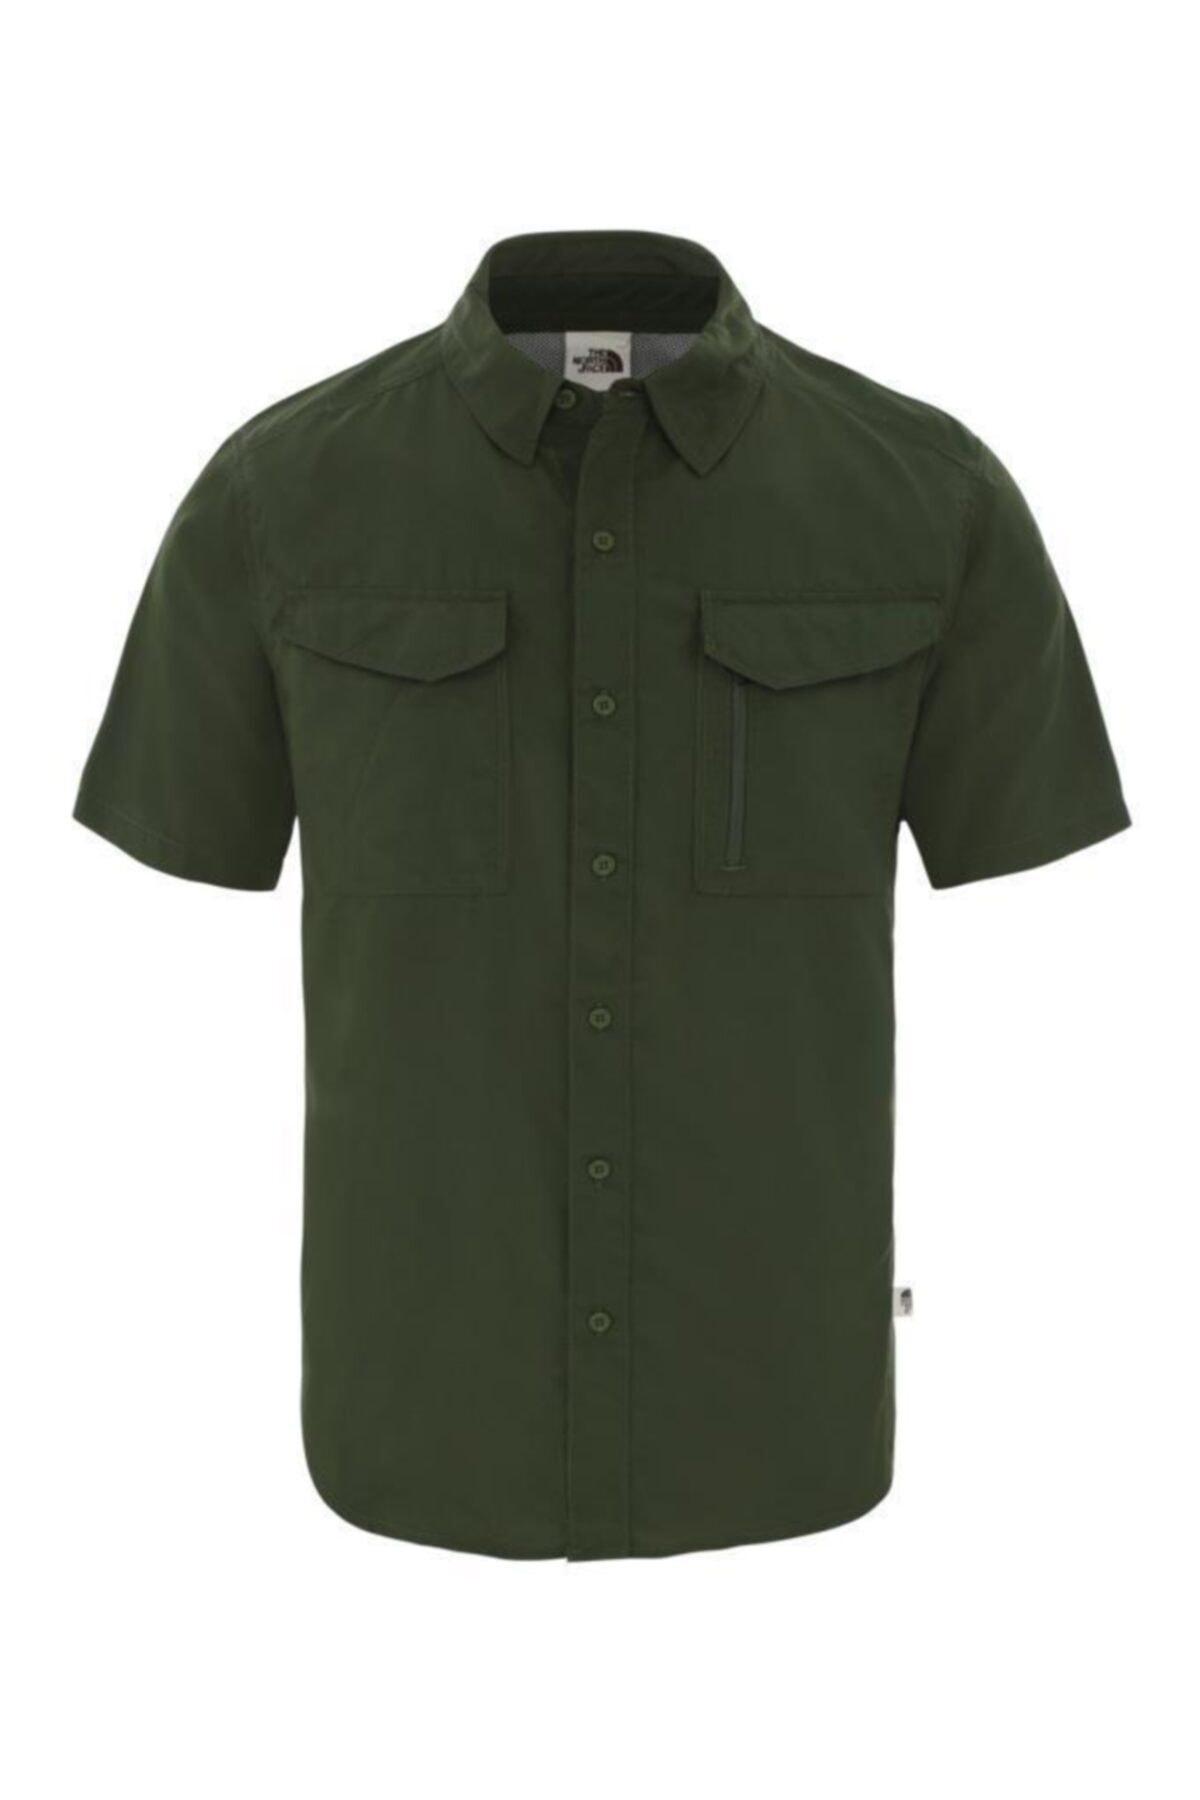 THE NORTH FACE S/s Sequoıa Kısa Kollu Erkek Gömlek Yeşil 1